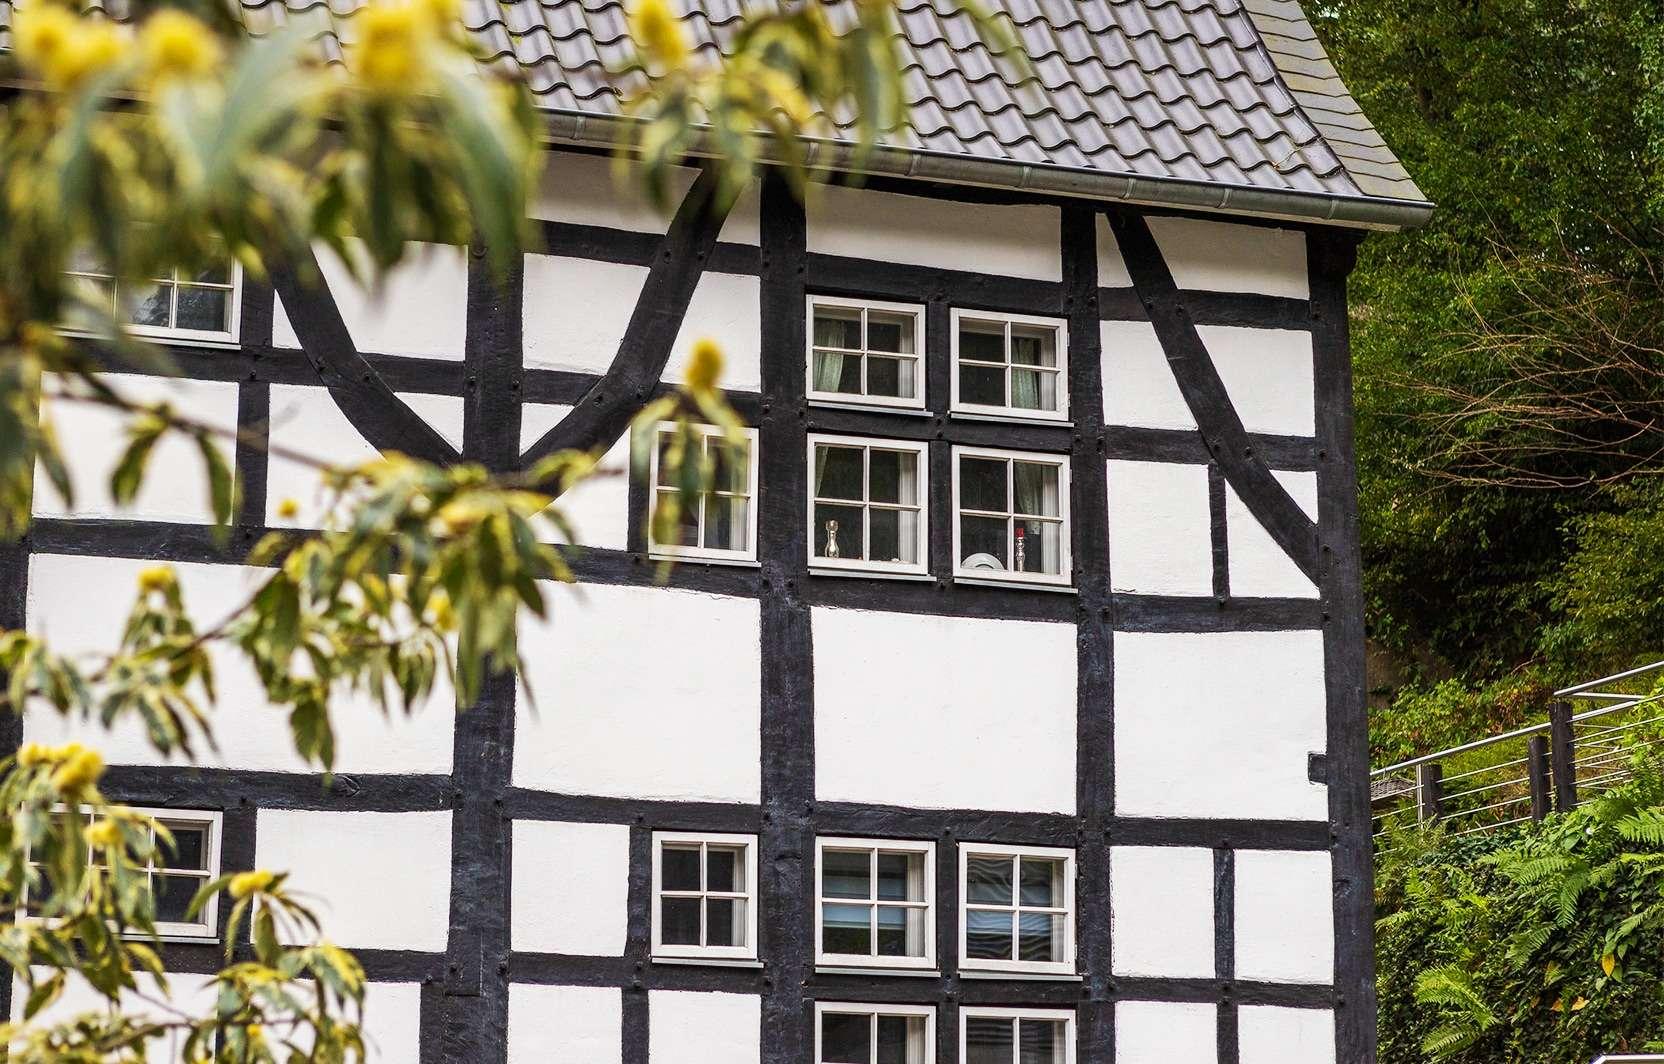 Welche Wohngemeinschaften bietet die Diakoniestation Wermelskirchen?